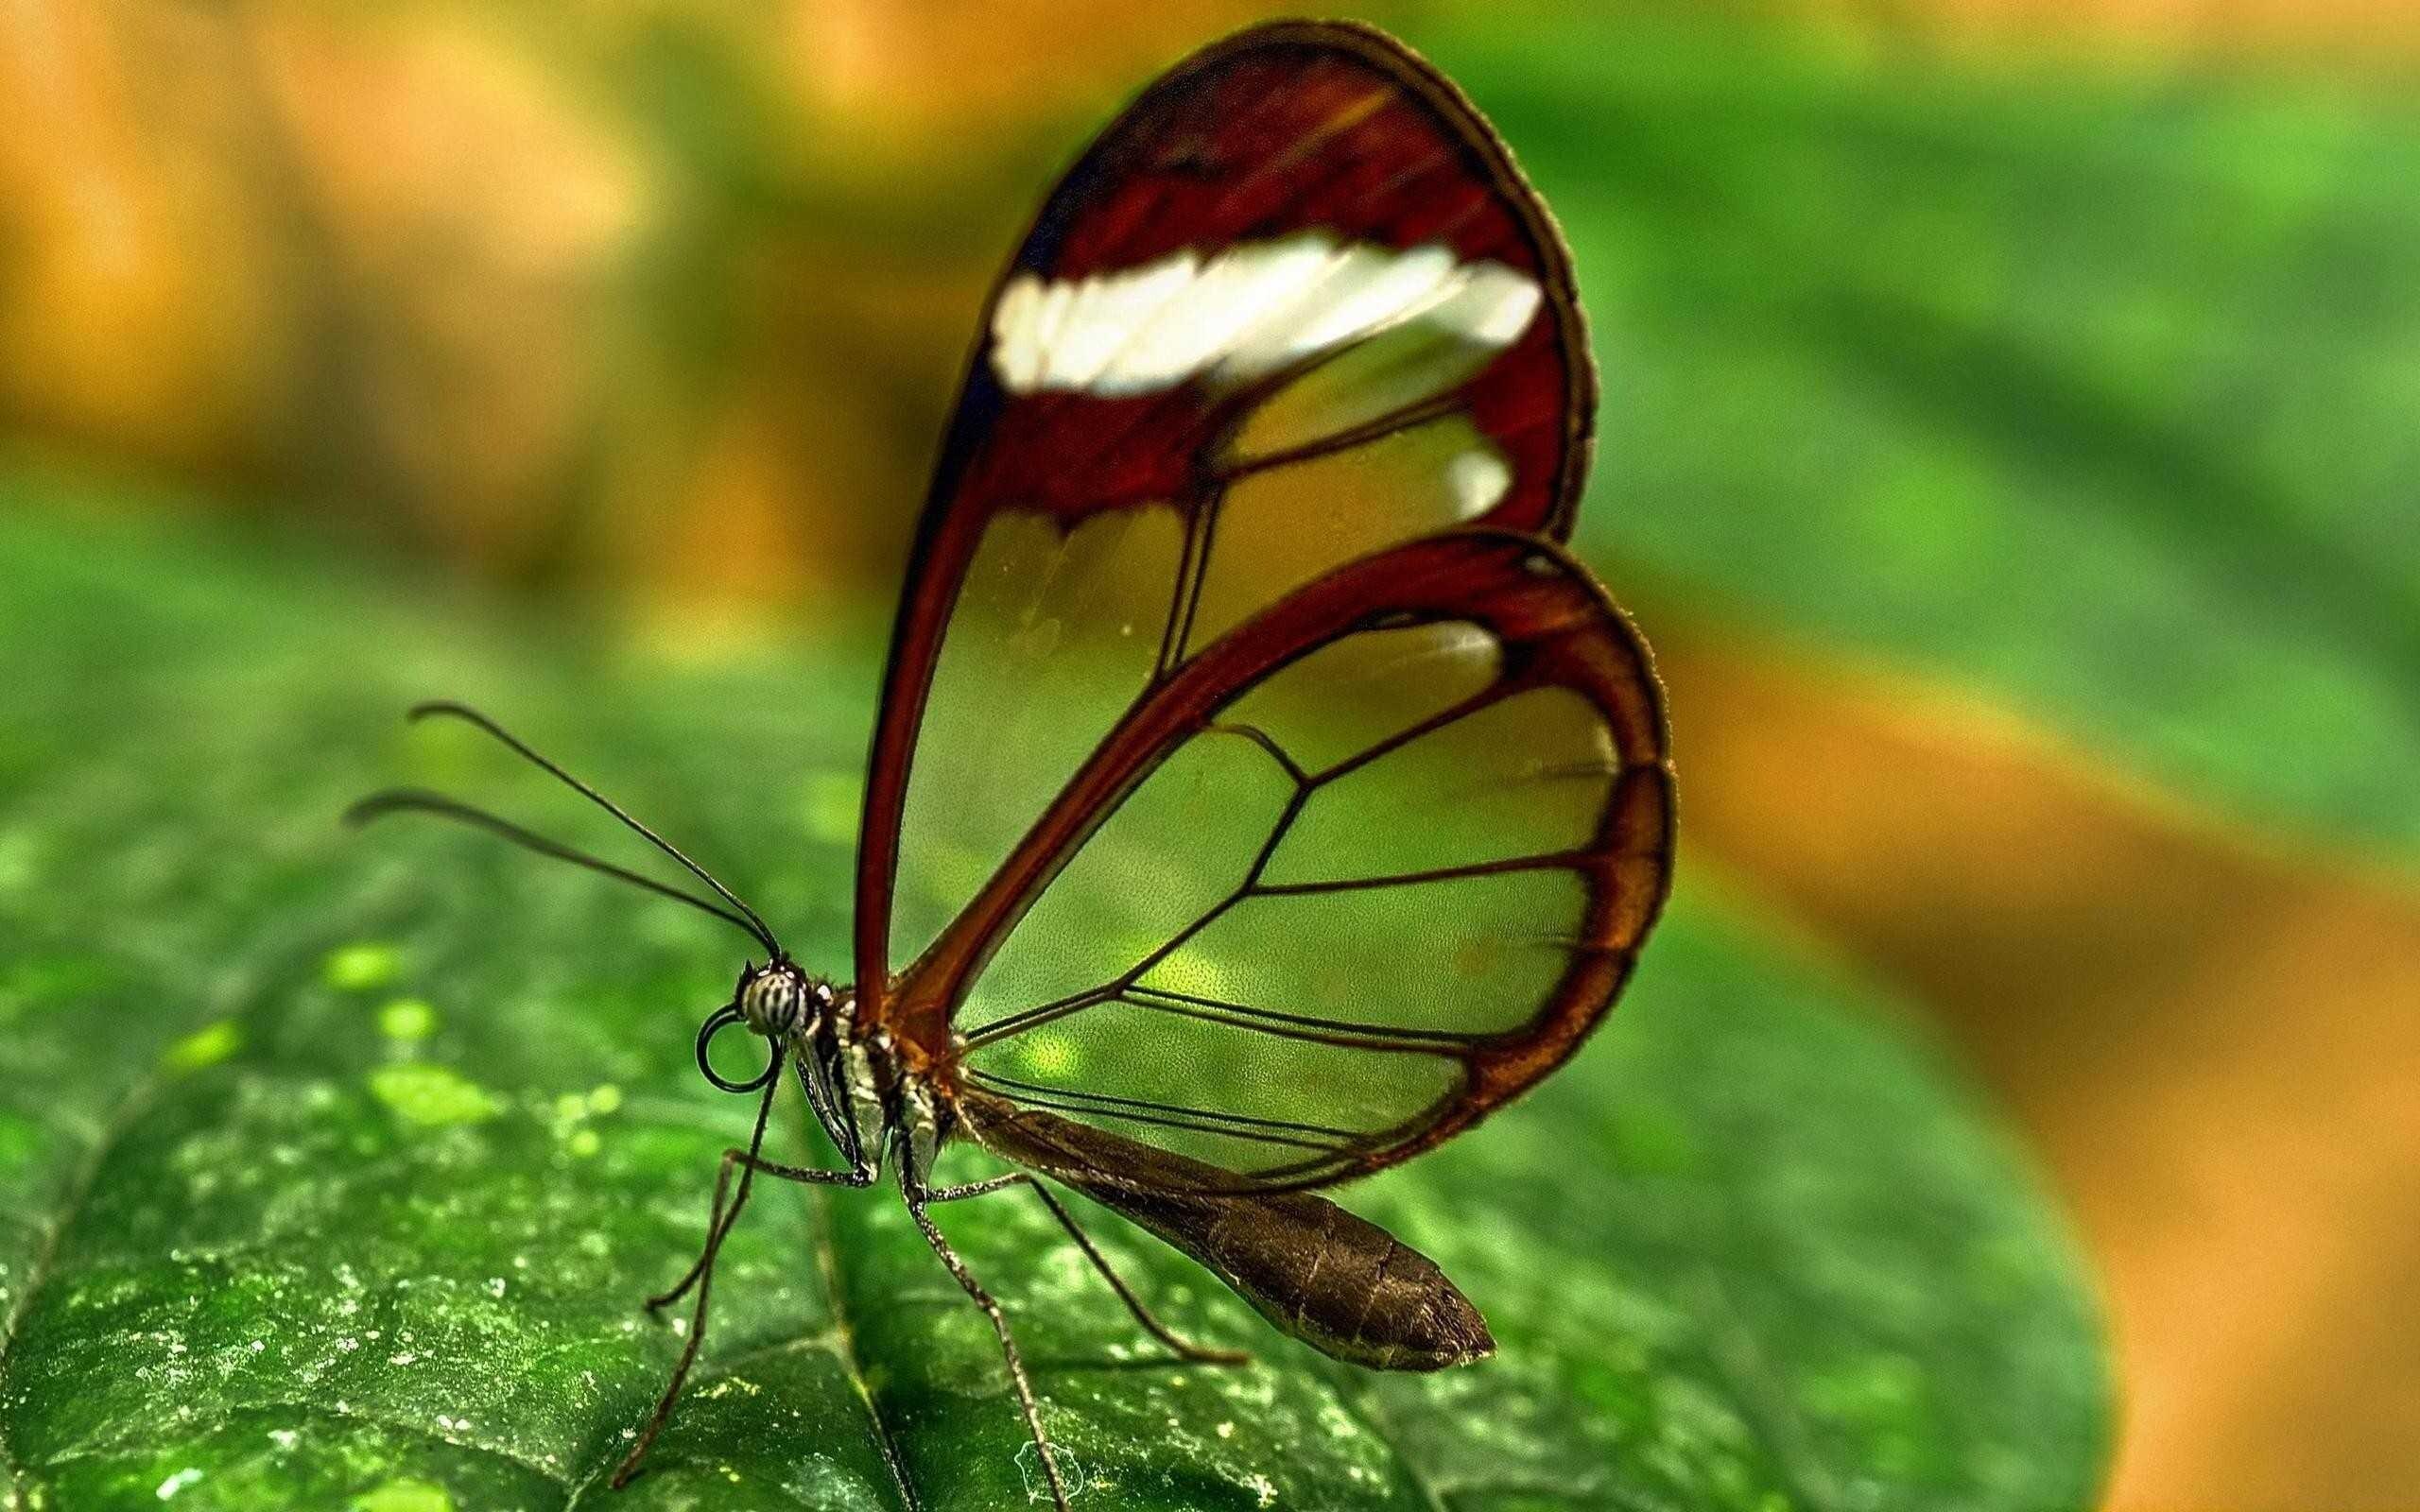 Transparent butterfly hd wallpaper hd wallpapers for Butterfly wallpaper for walls